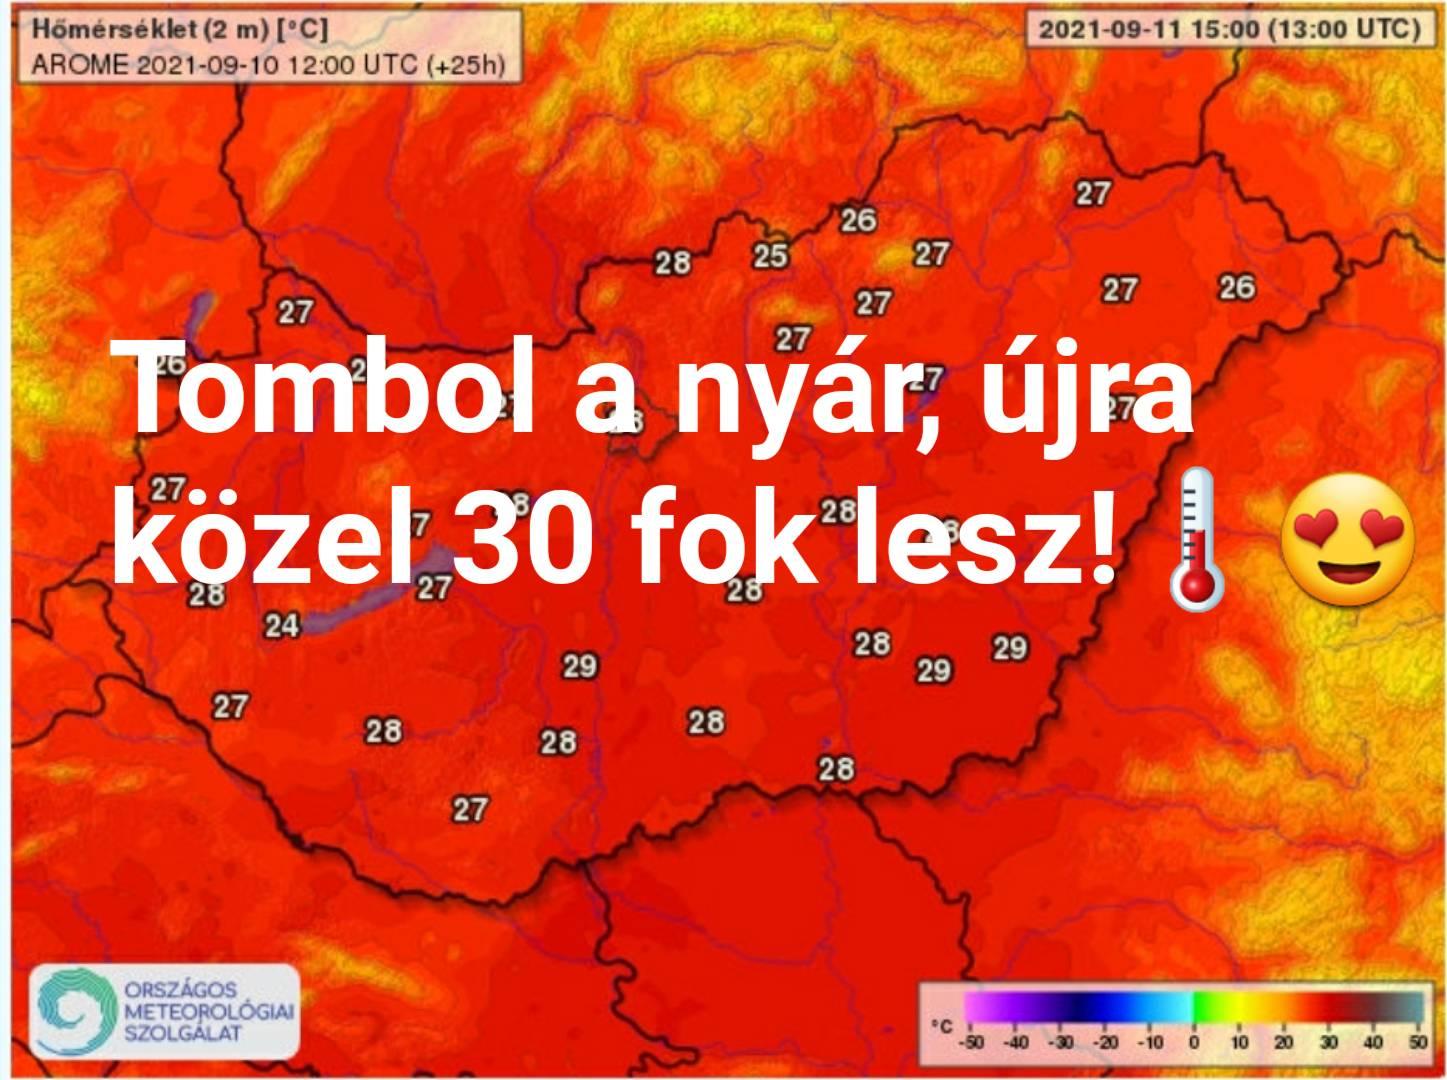 Holnap: tombol a nyár, közel 30 fok lesz! 5